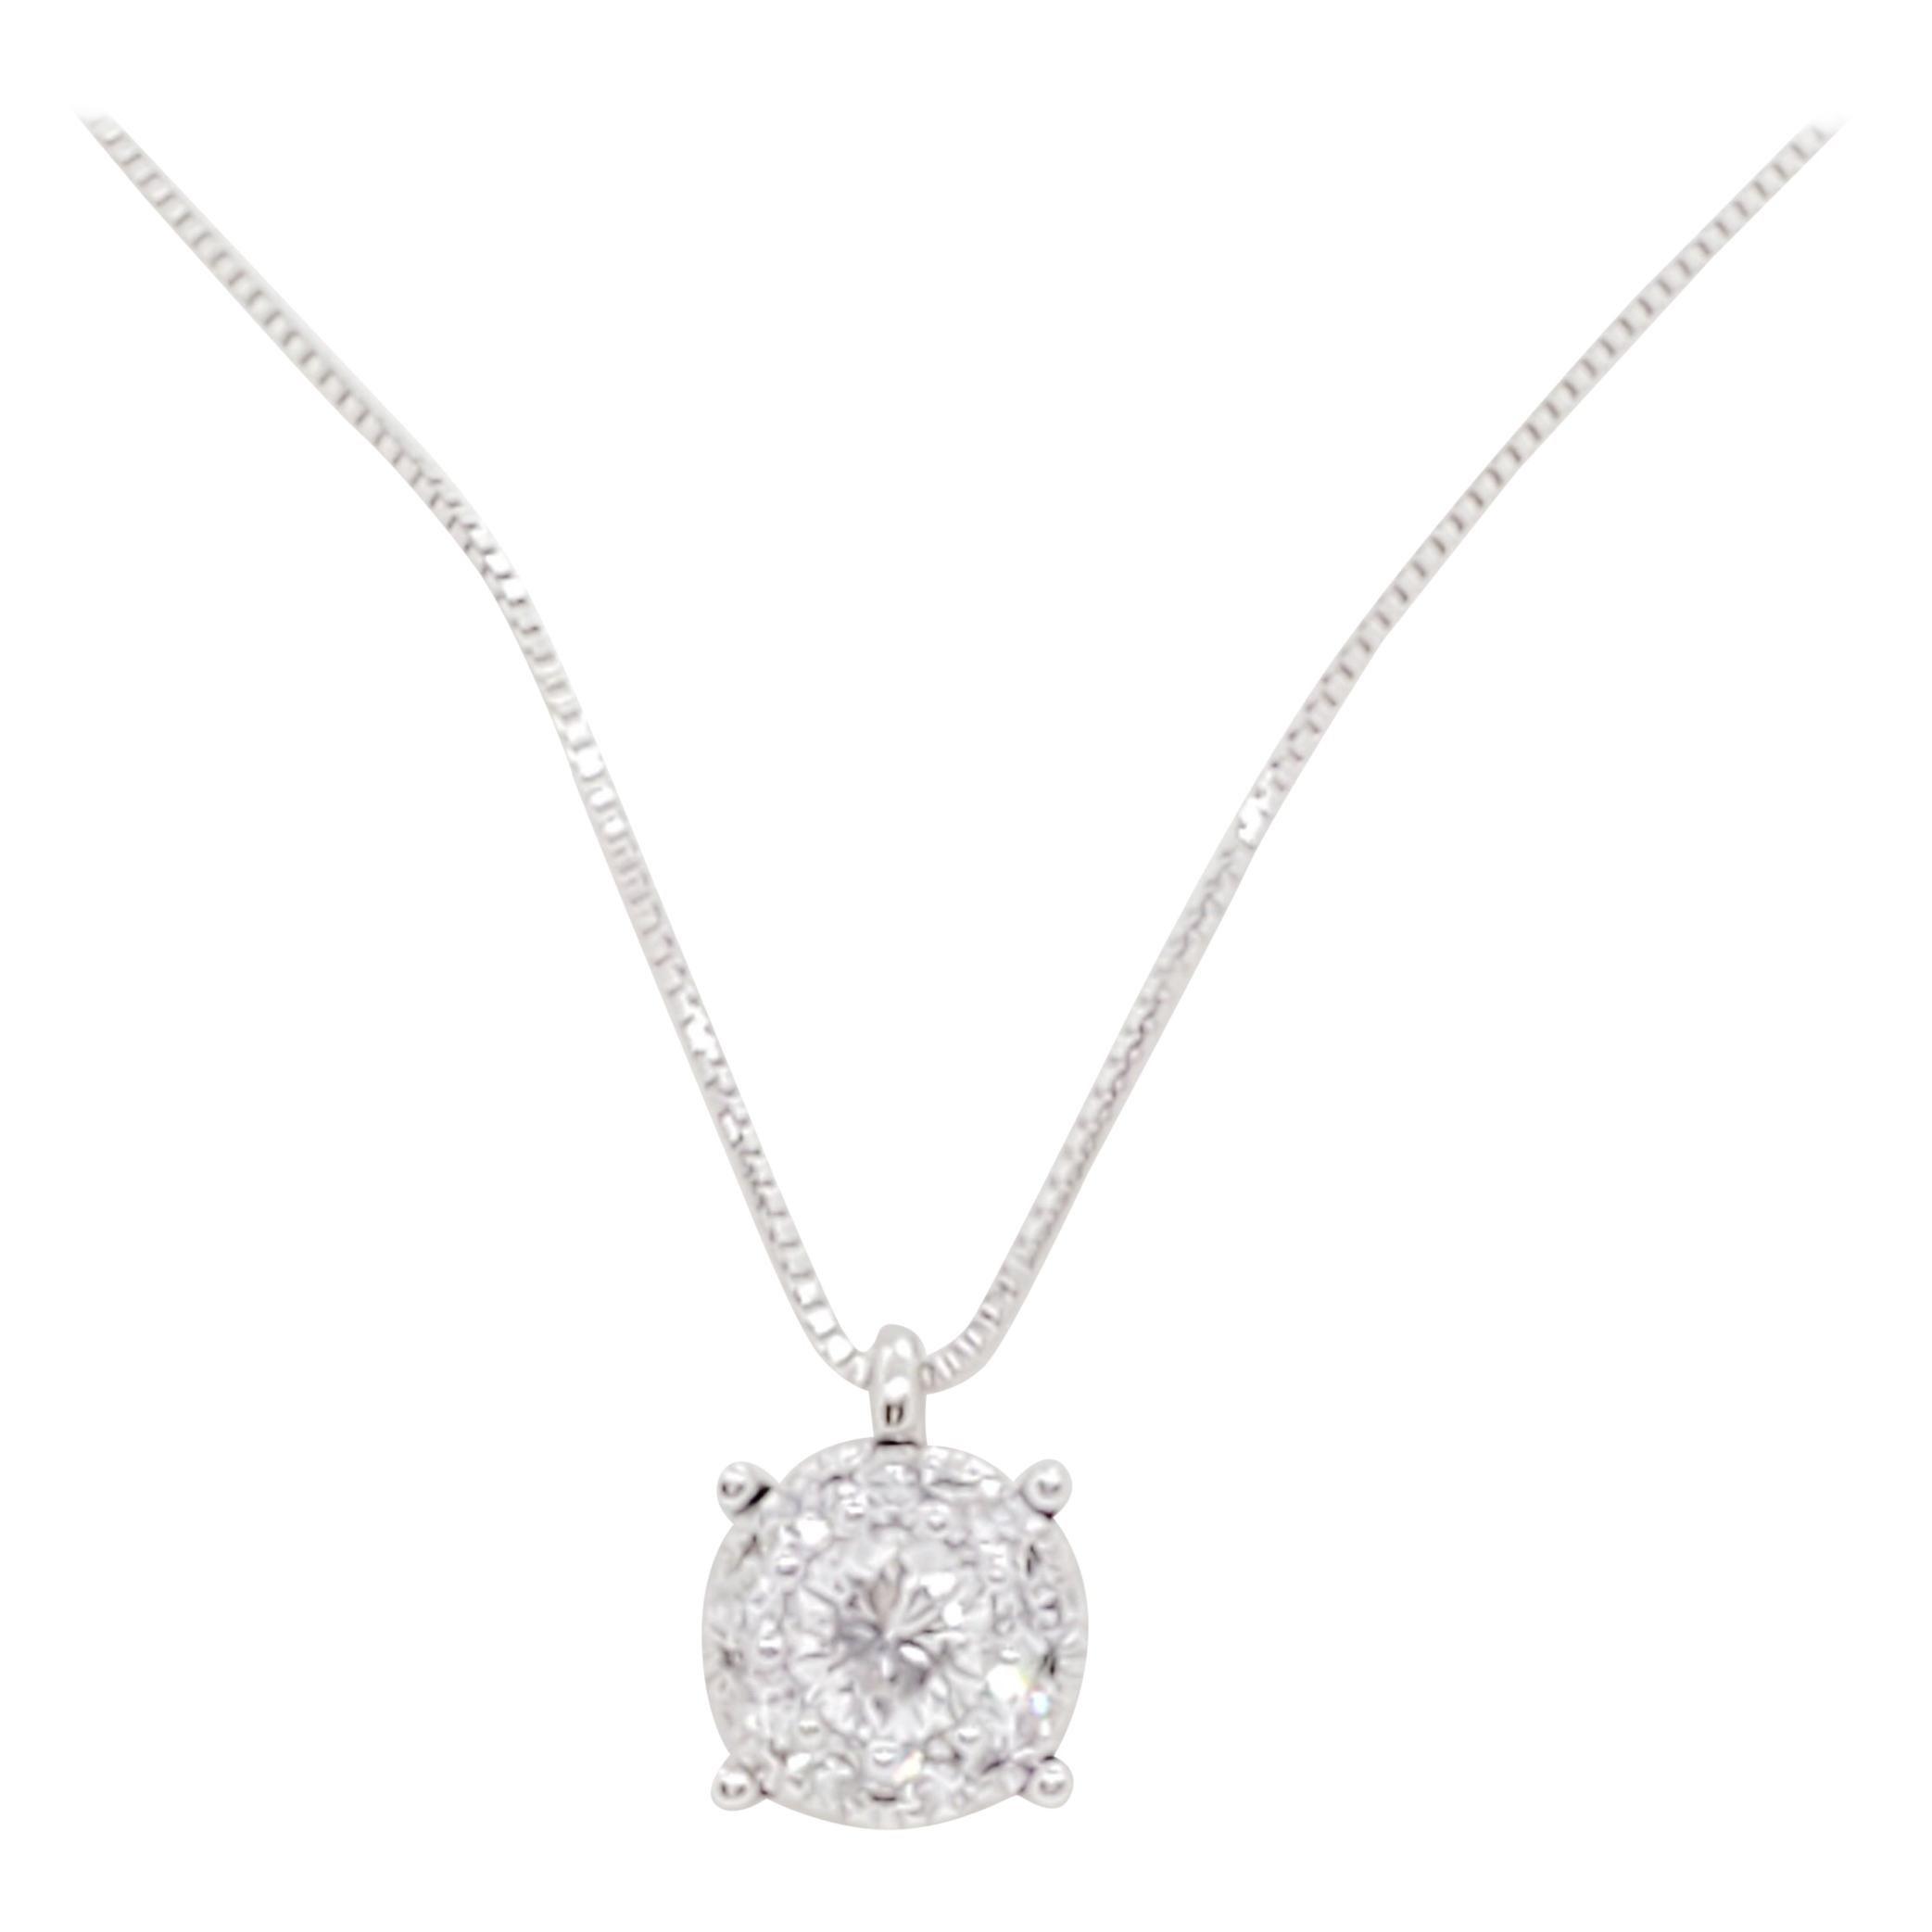 Estate White Diamond Solitaire Pendant Necklace in 18k White Gold